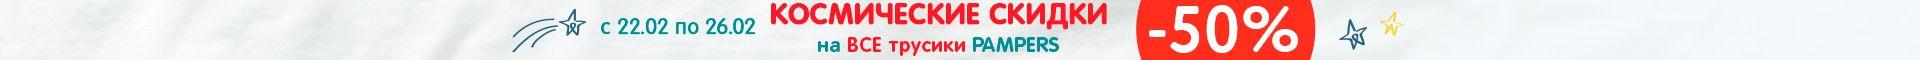 50% на ВСЕ трусики Pampers сквозной